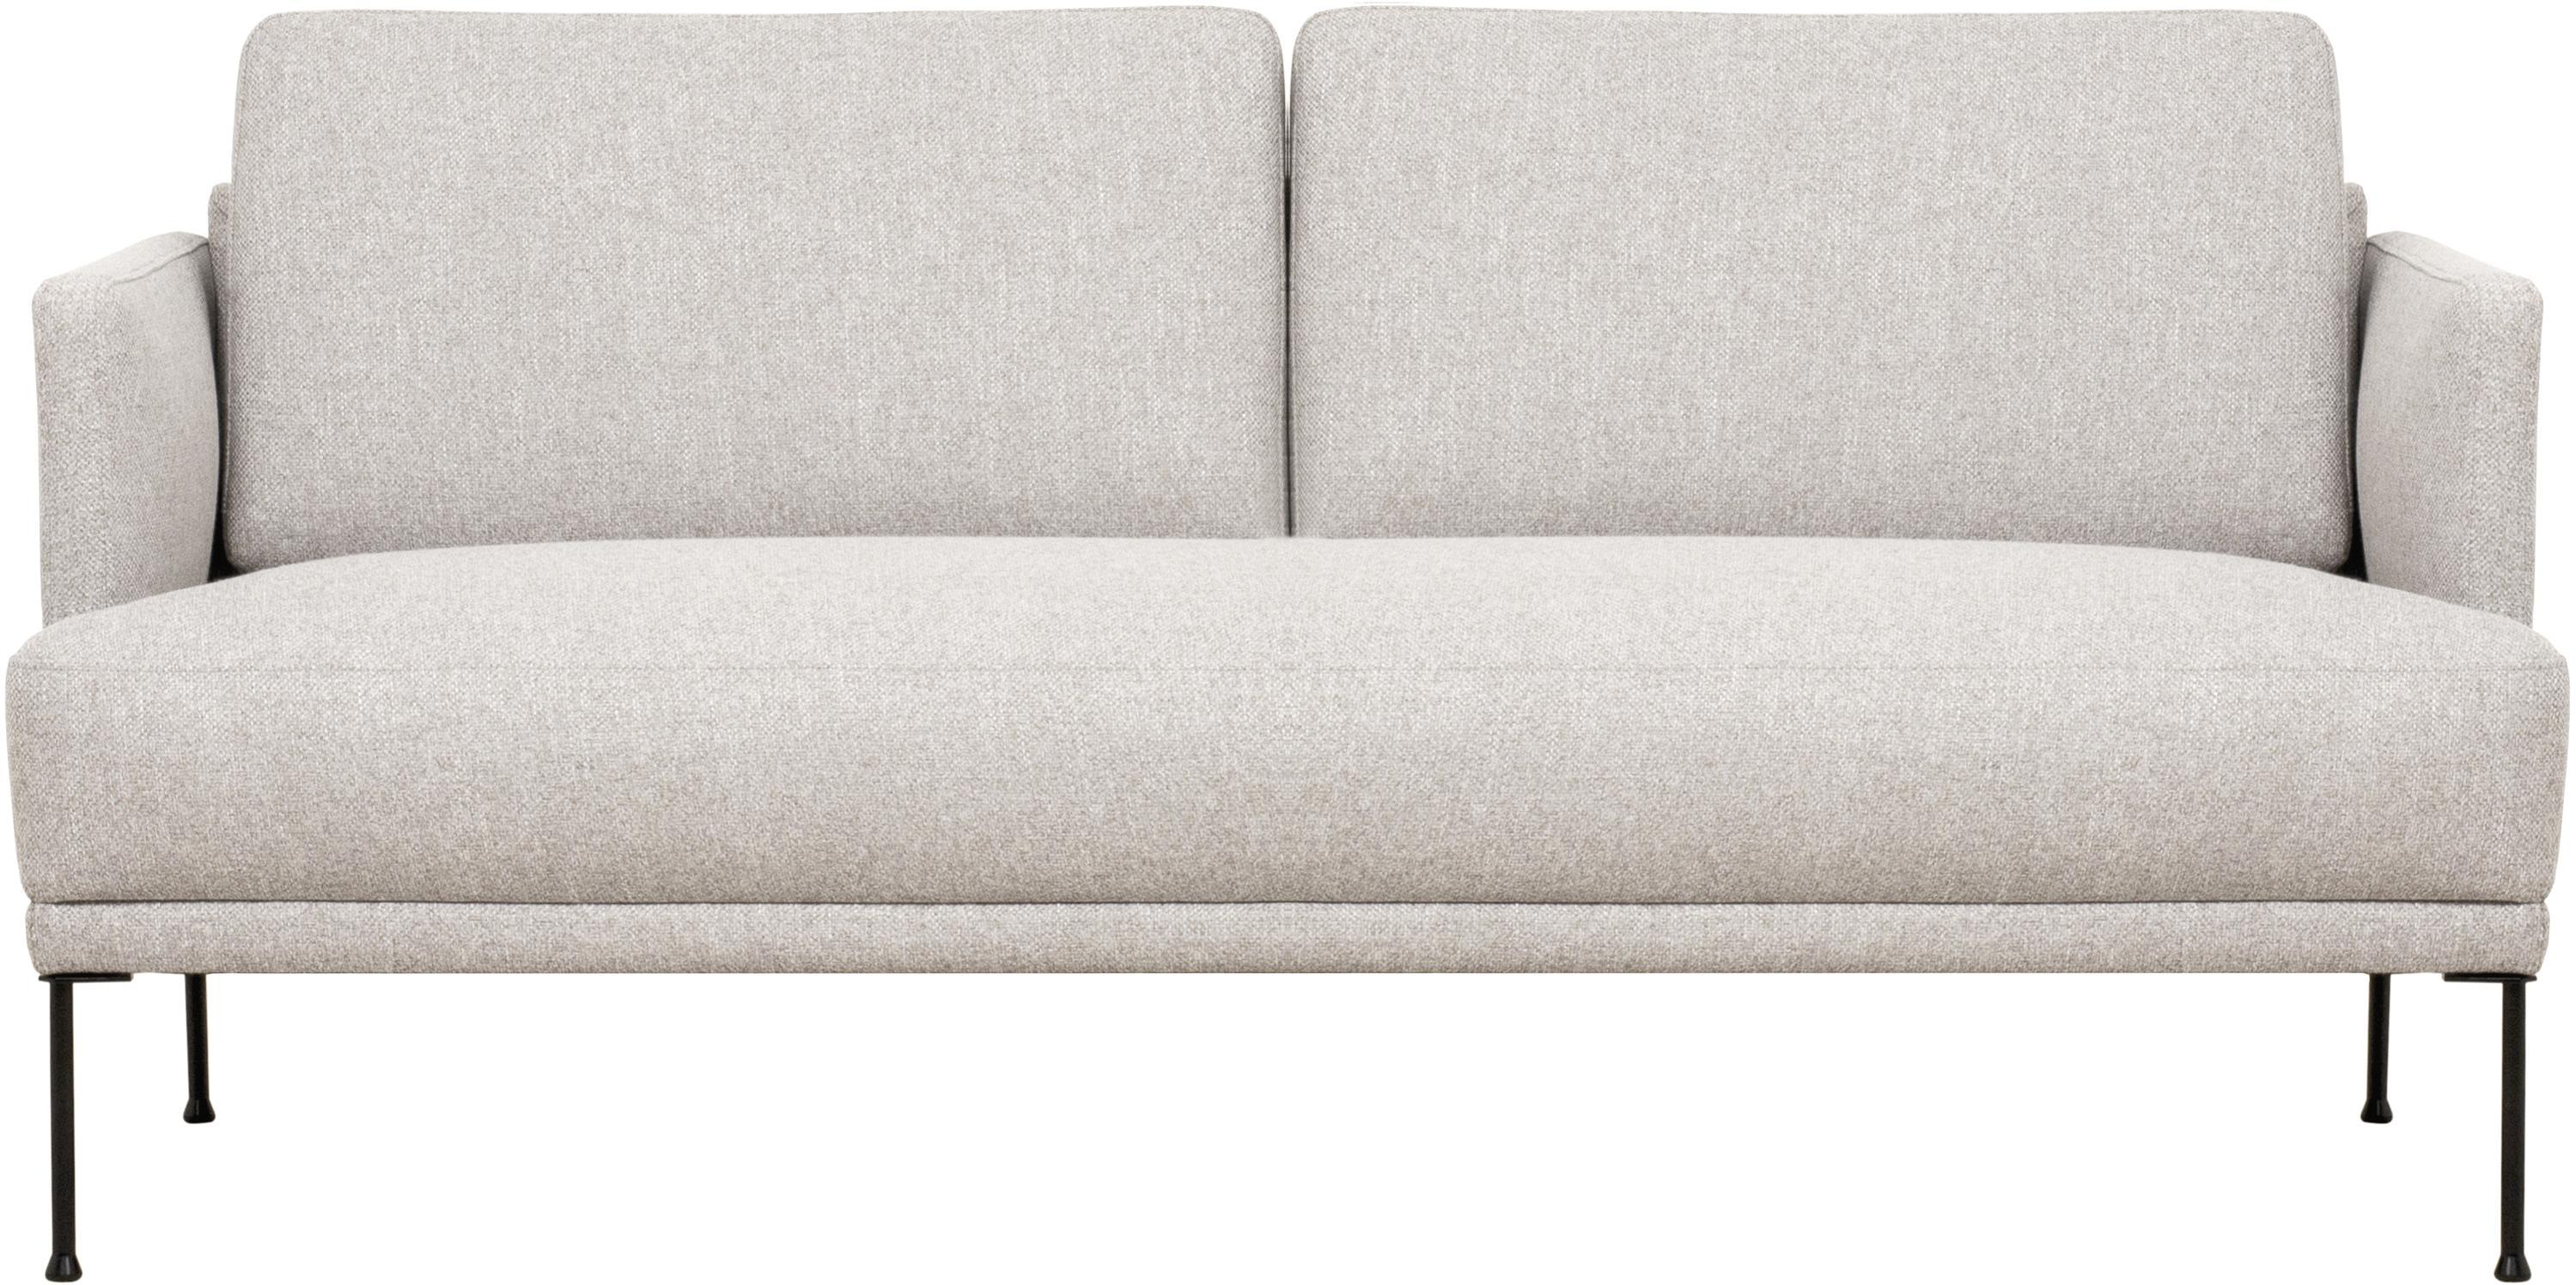 Bank Fluente (2-zits), Bekleding: 80% polyester, 20% ramie, Frame: massief grenenhout, Poten: gepoedercoat metaal, Geweven stof beige, B 166 x D 85 cm